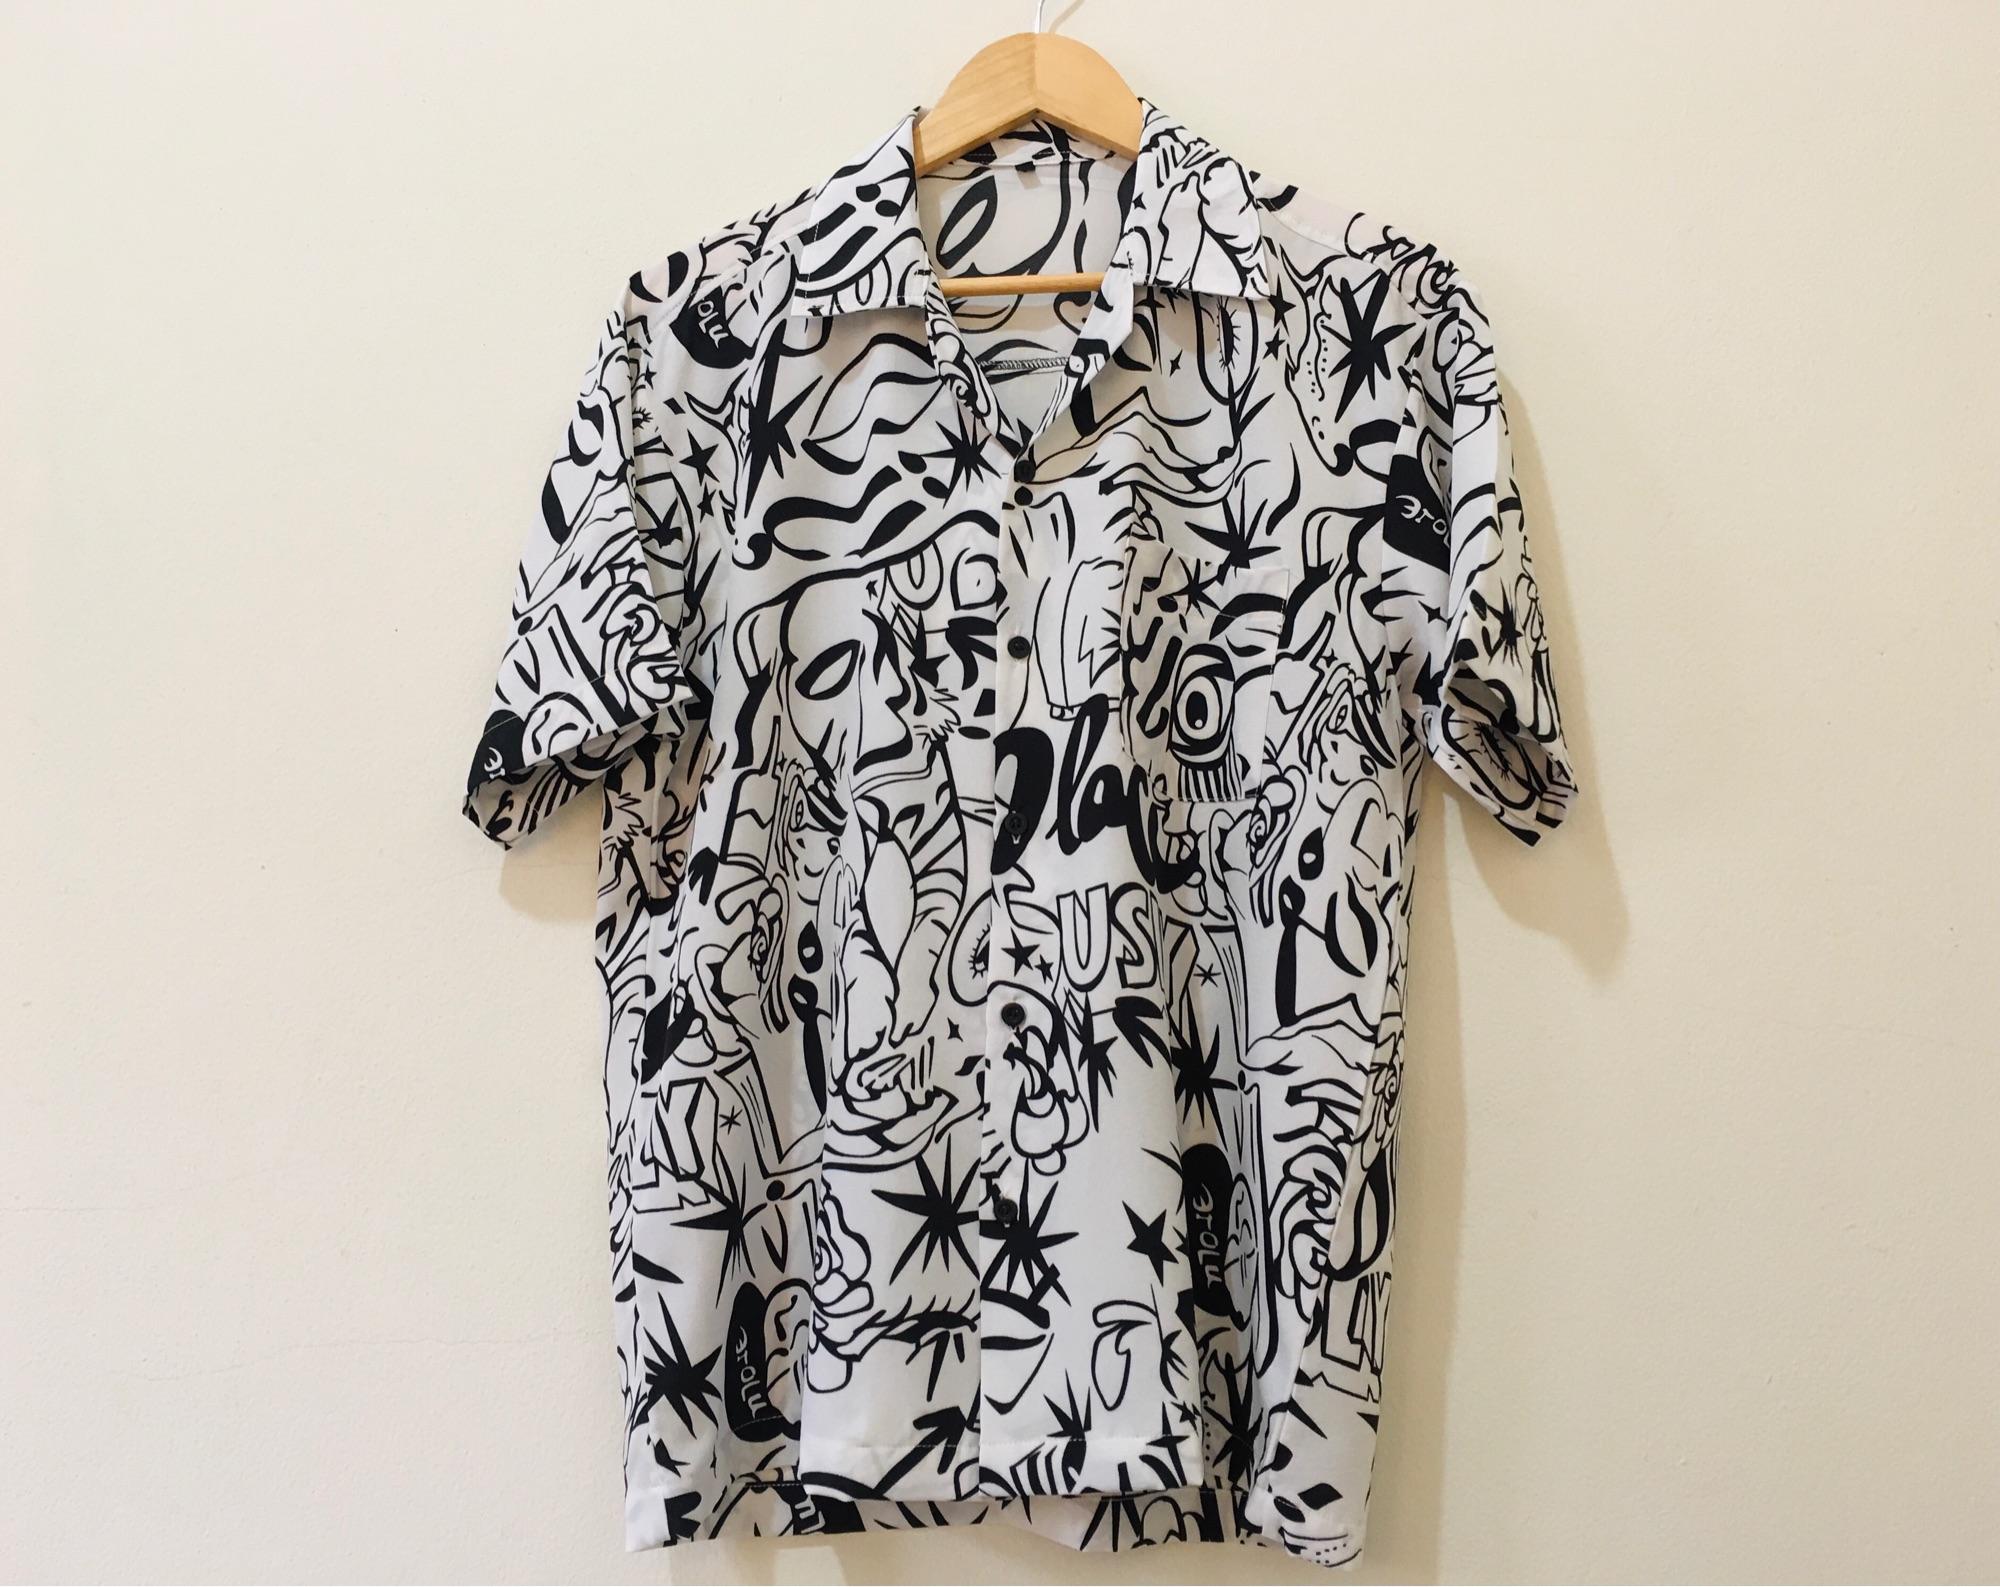 """?สินค้าขายดี?กราฟฟิกพื้นขาว เสื้อฮาวาย ลายคูลๆ แฟชั่นสุดฮิต ชายหญิงใส่ได้ รอบอก 36""""-56"""" ?ฟรีจัดส่ง ฿10 เมื่อซื้อครบ ฿300?จัดส่งฟรีเมื่อช้อปครบ ฿500."""